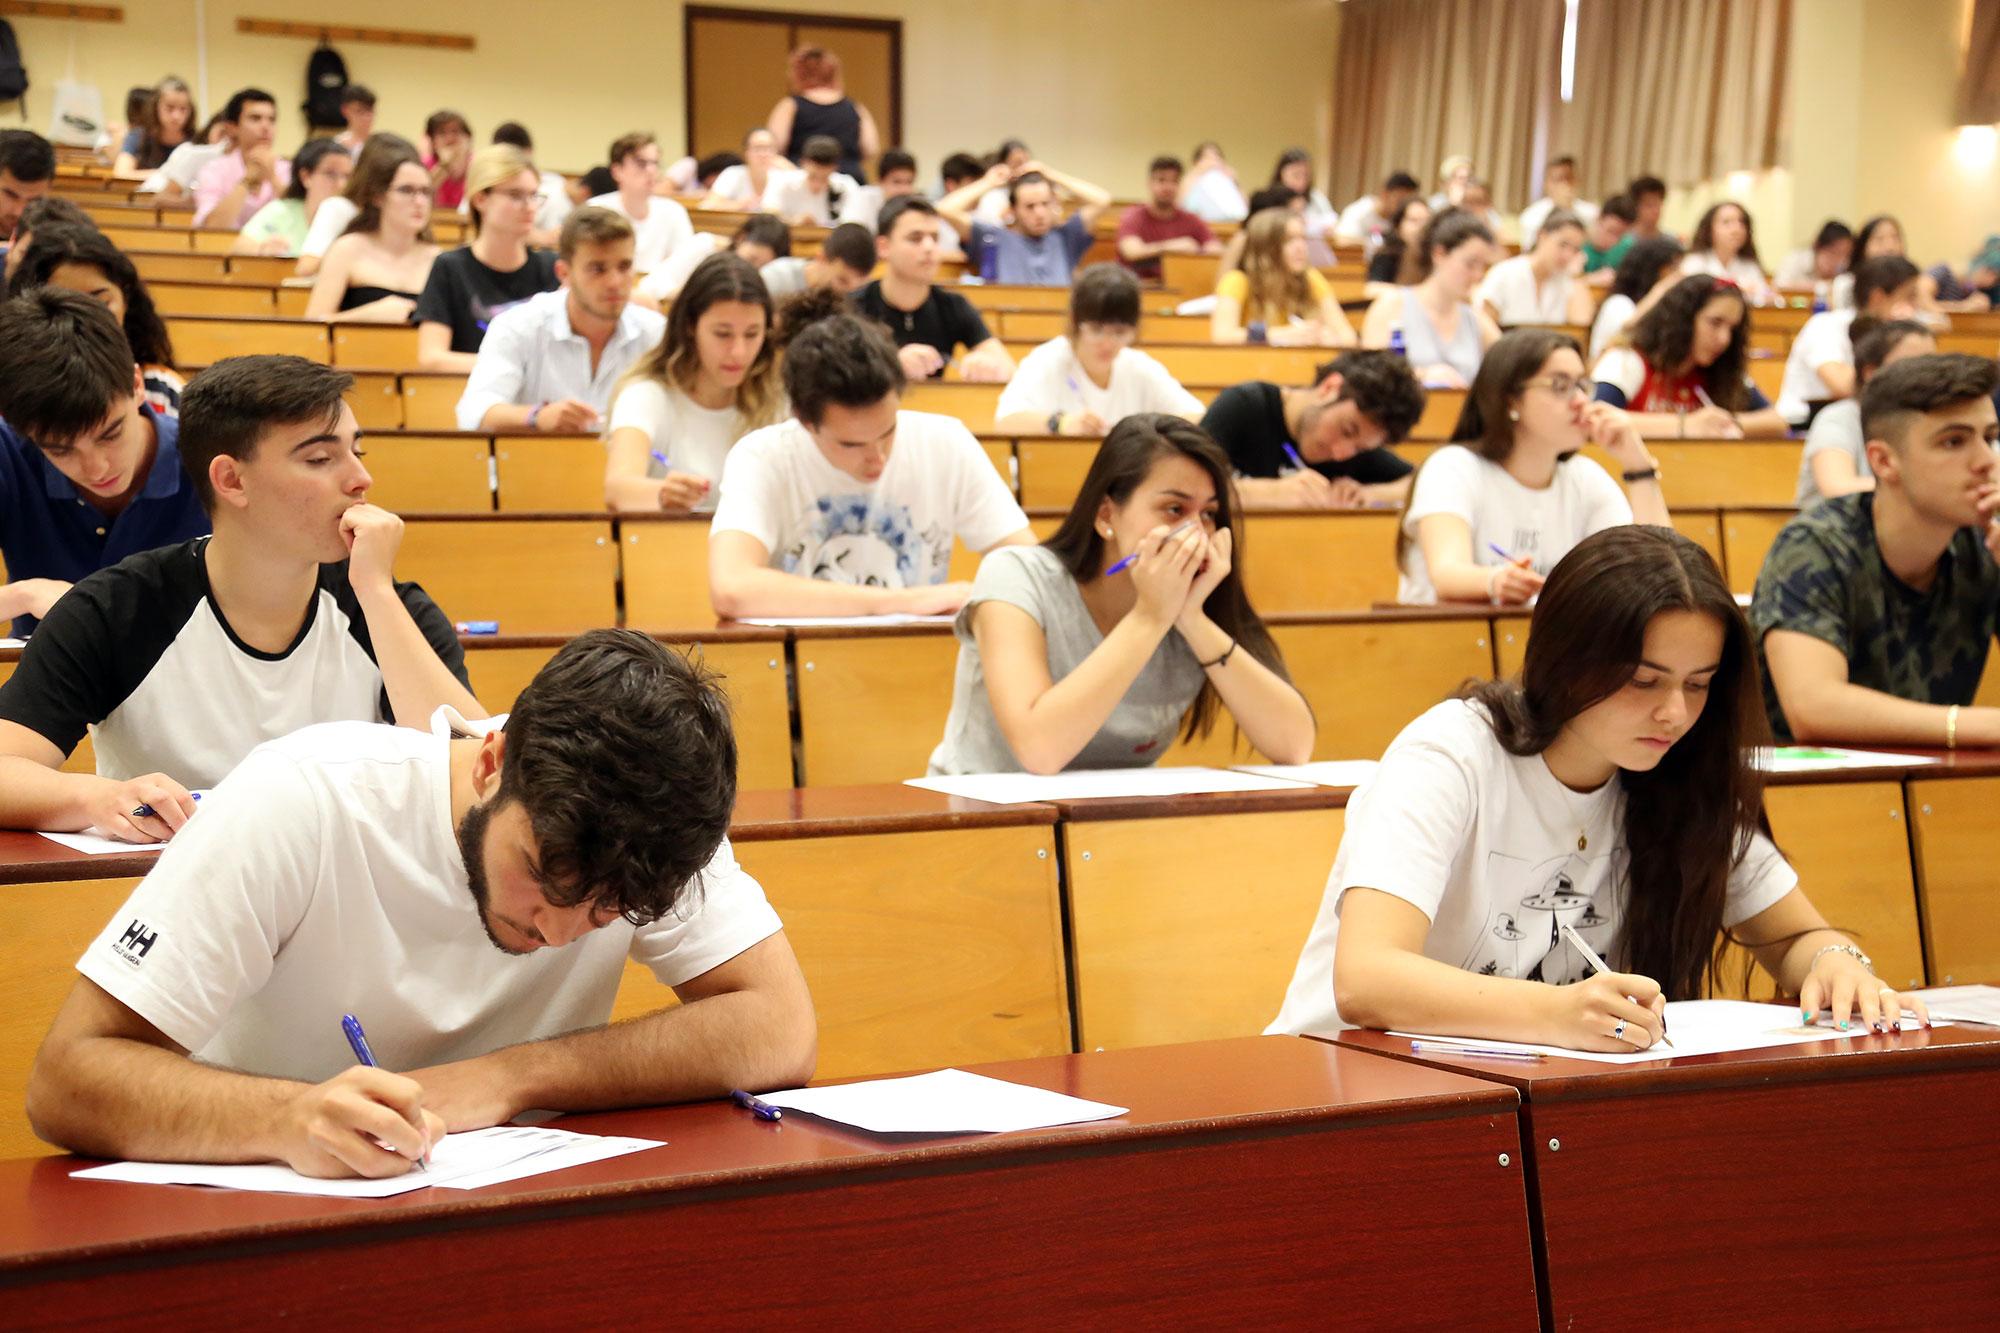 Casi 7.400 estudiantes se examinaron sin incidencias en la primera jornada de las pruebas de acceso a la Universidad